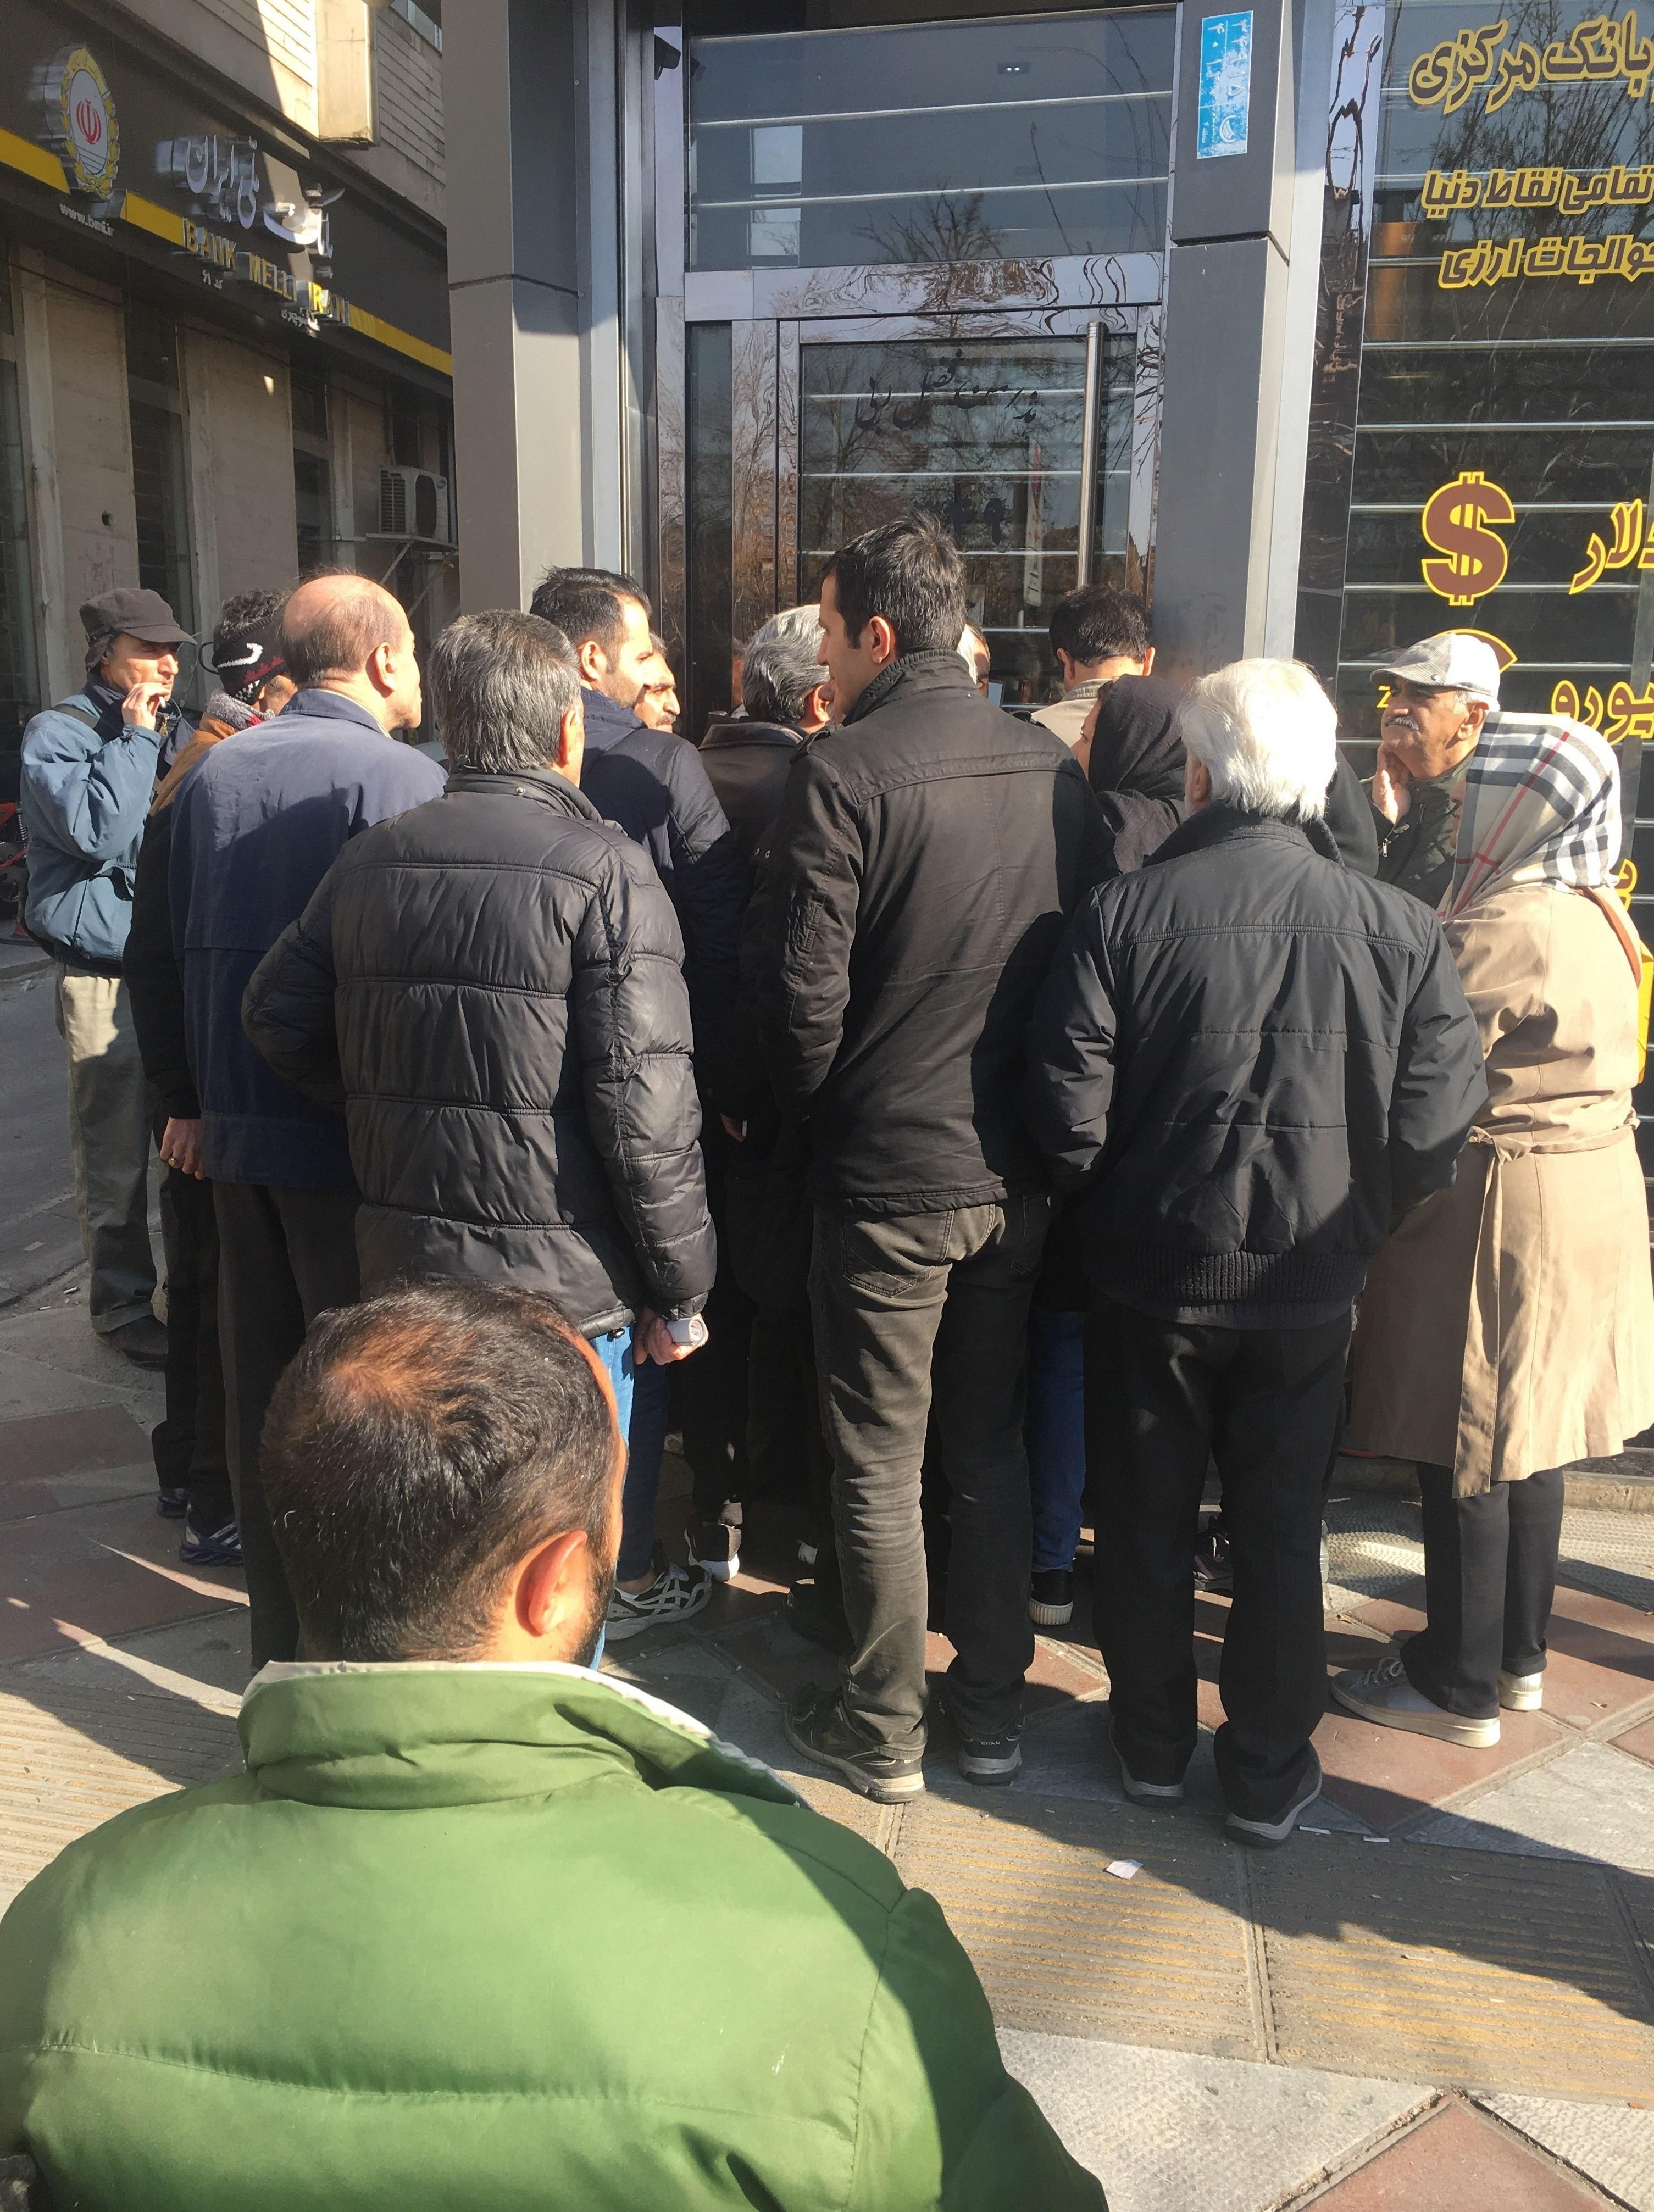 هیجانزدگی عارضه اقتصاد ایران شده است